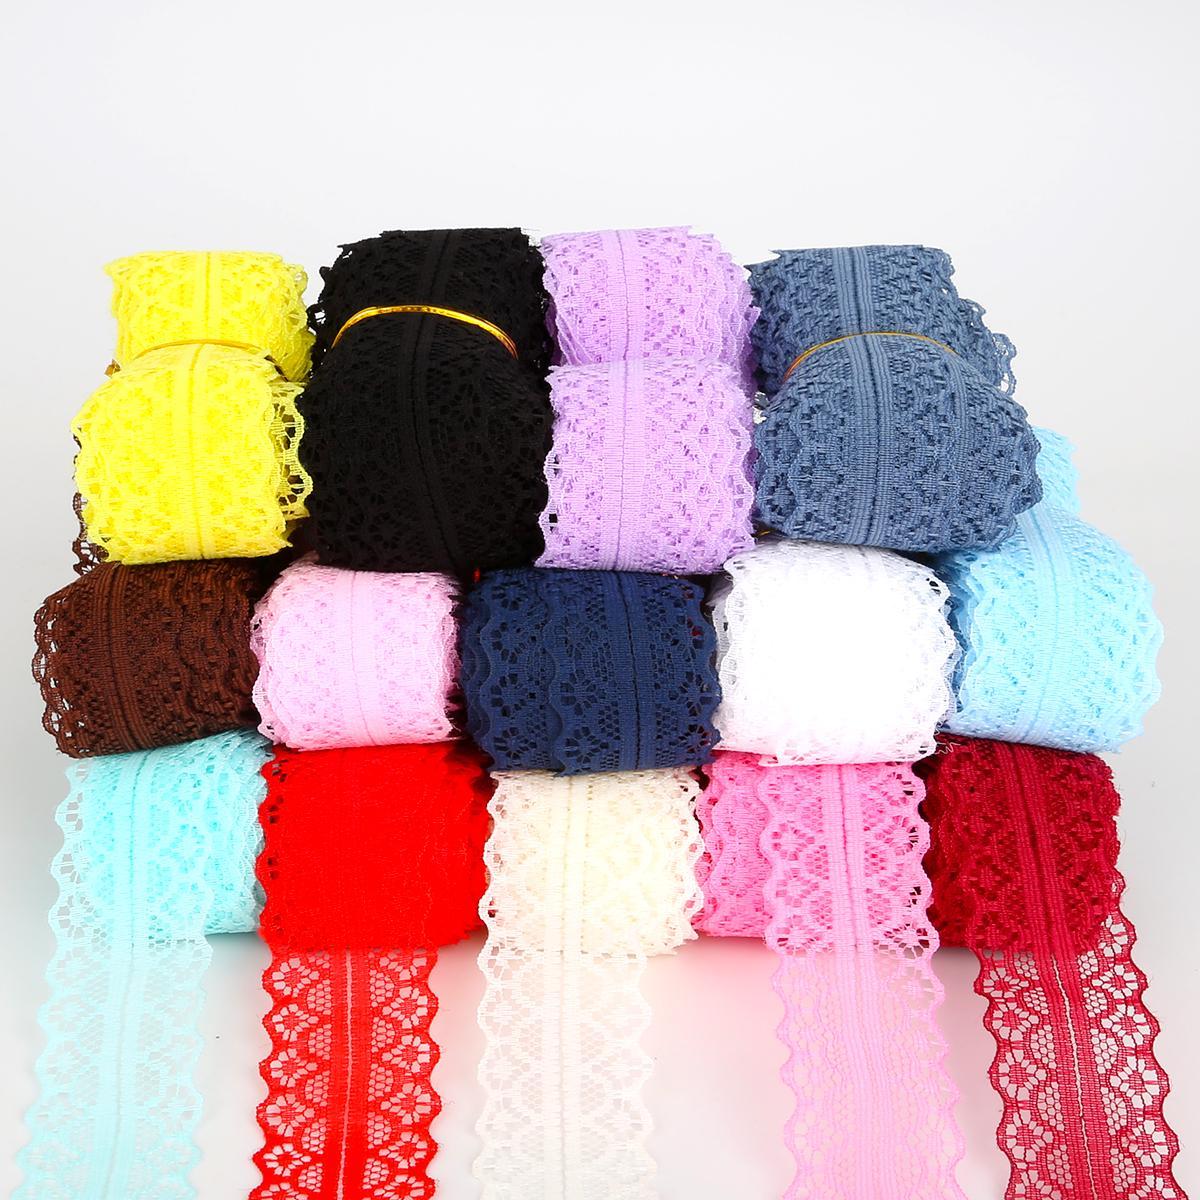 5Yard 2.8cm Кружева Trim Ткань DIY вышитые кружева обрезки для швейных аксессуаров украшения фото